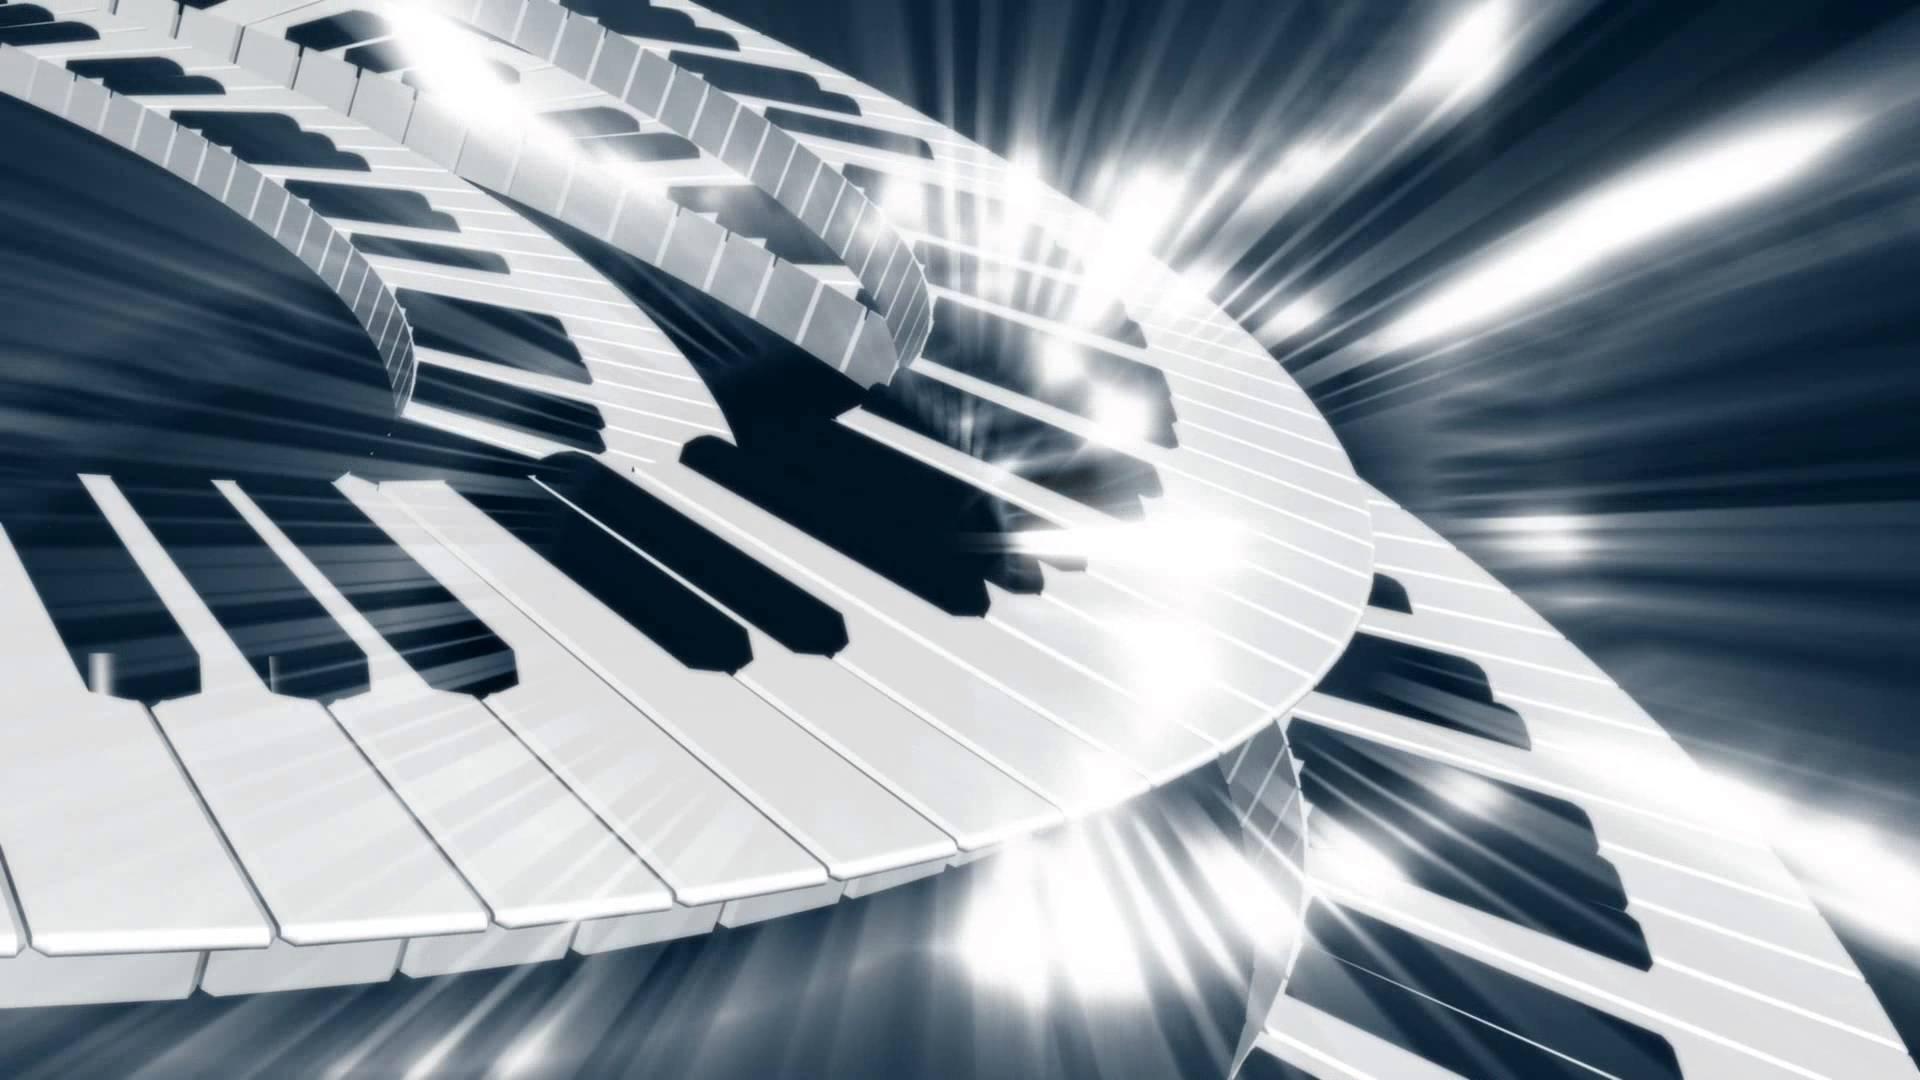 Praise And Worship Wallpaper Hd Music Keyboard Png Hd Transparent Music Keyboard Hd Png